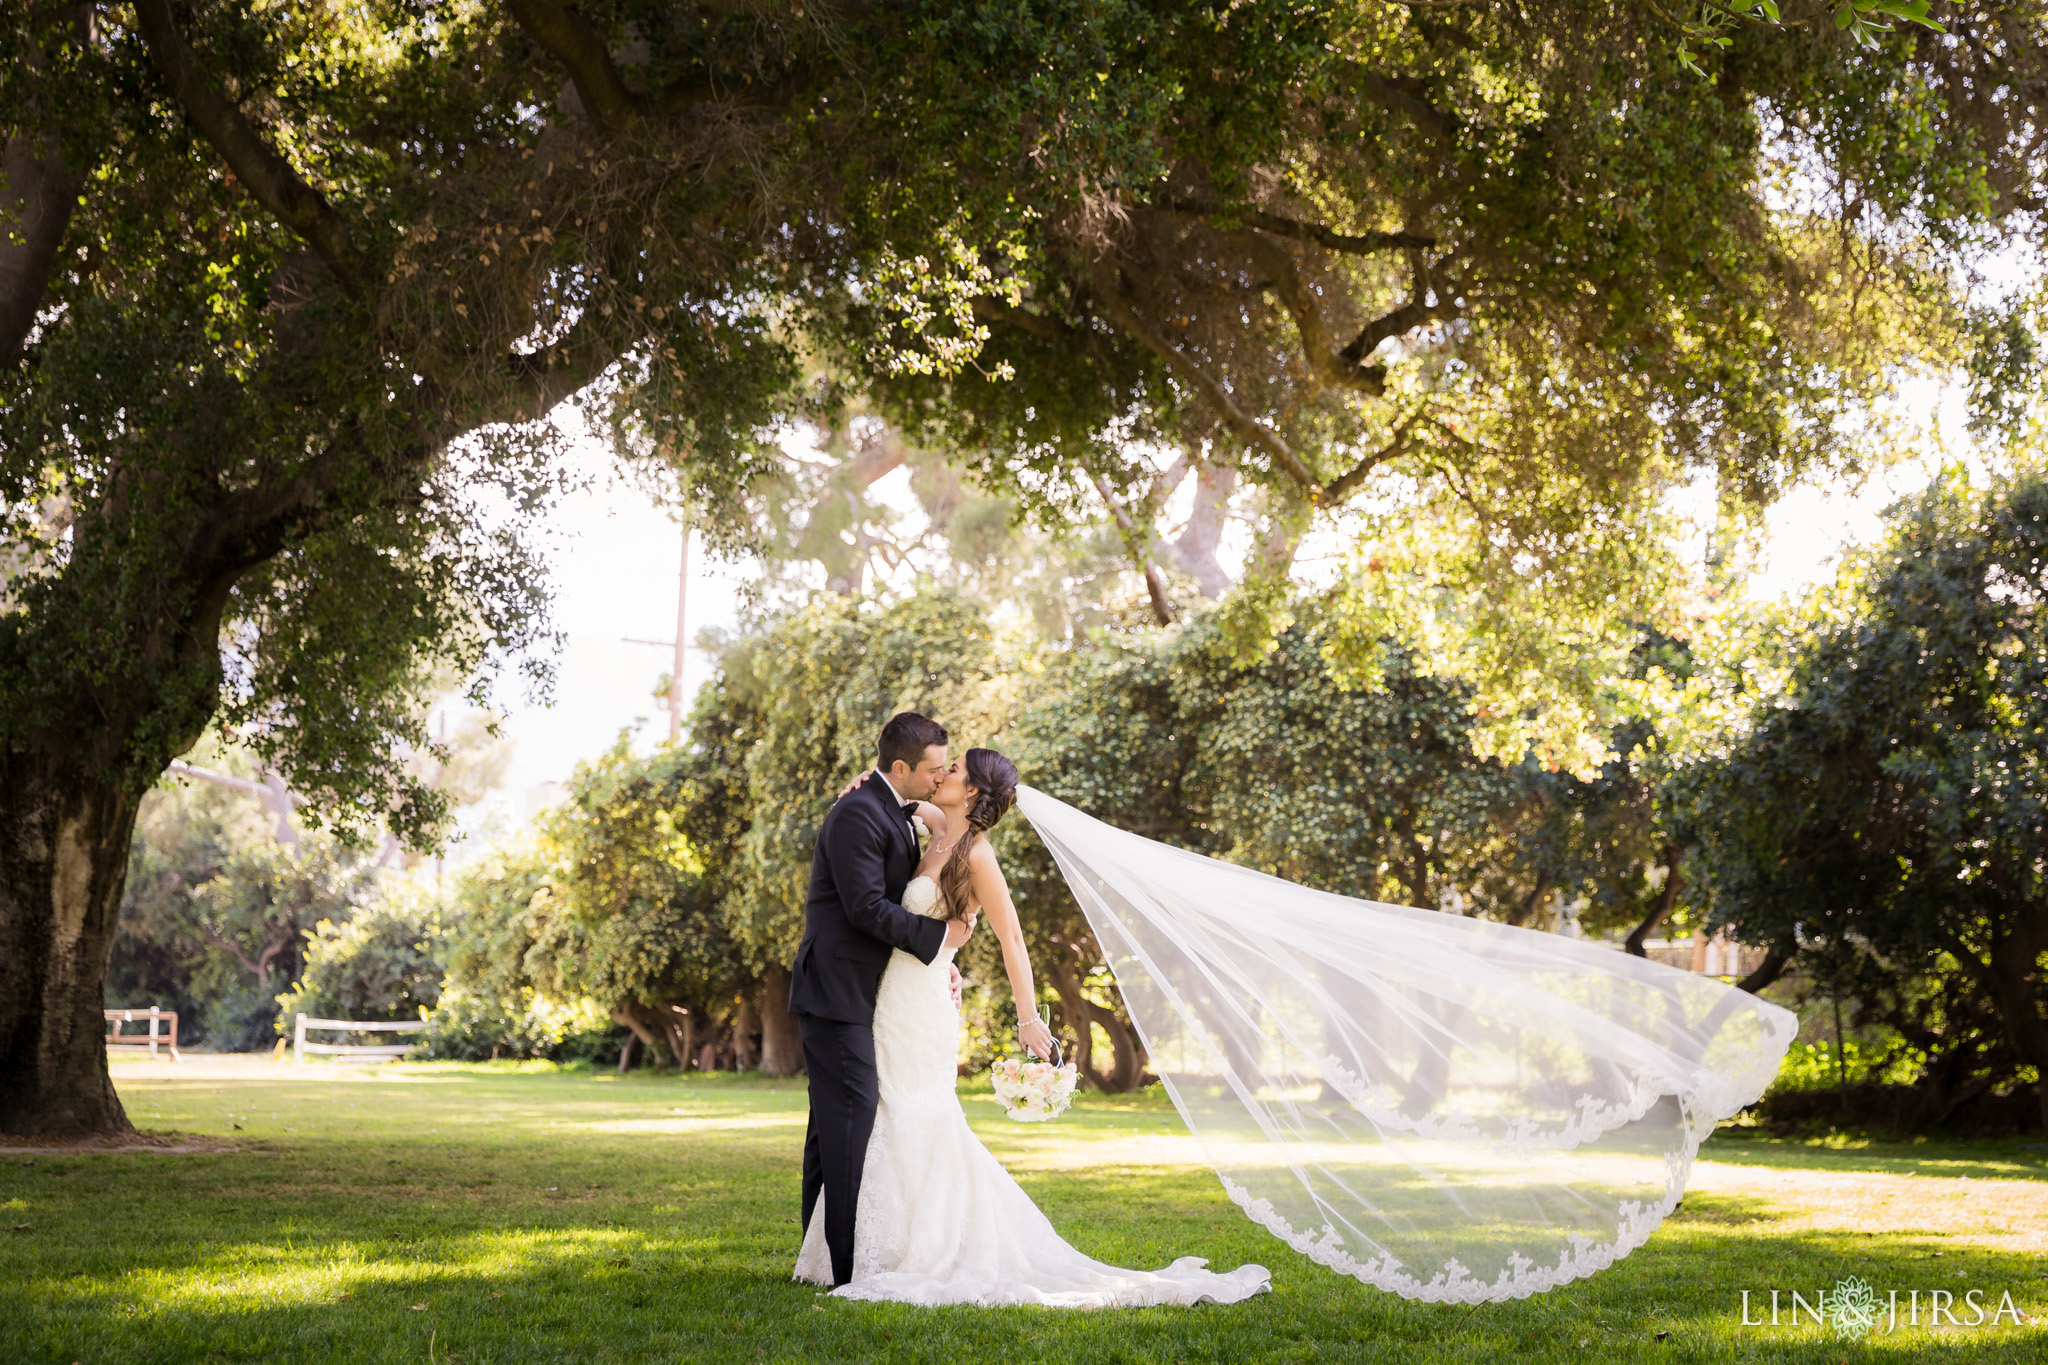 13-calamigos-equestrian-persian-wedding-photography